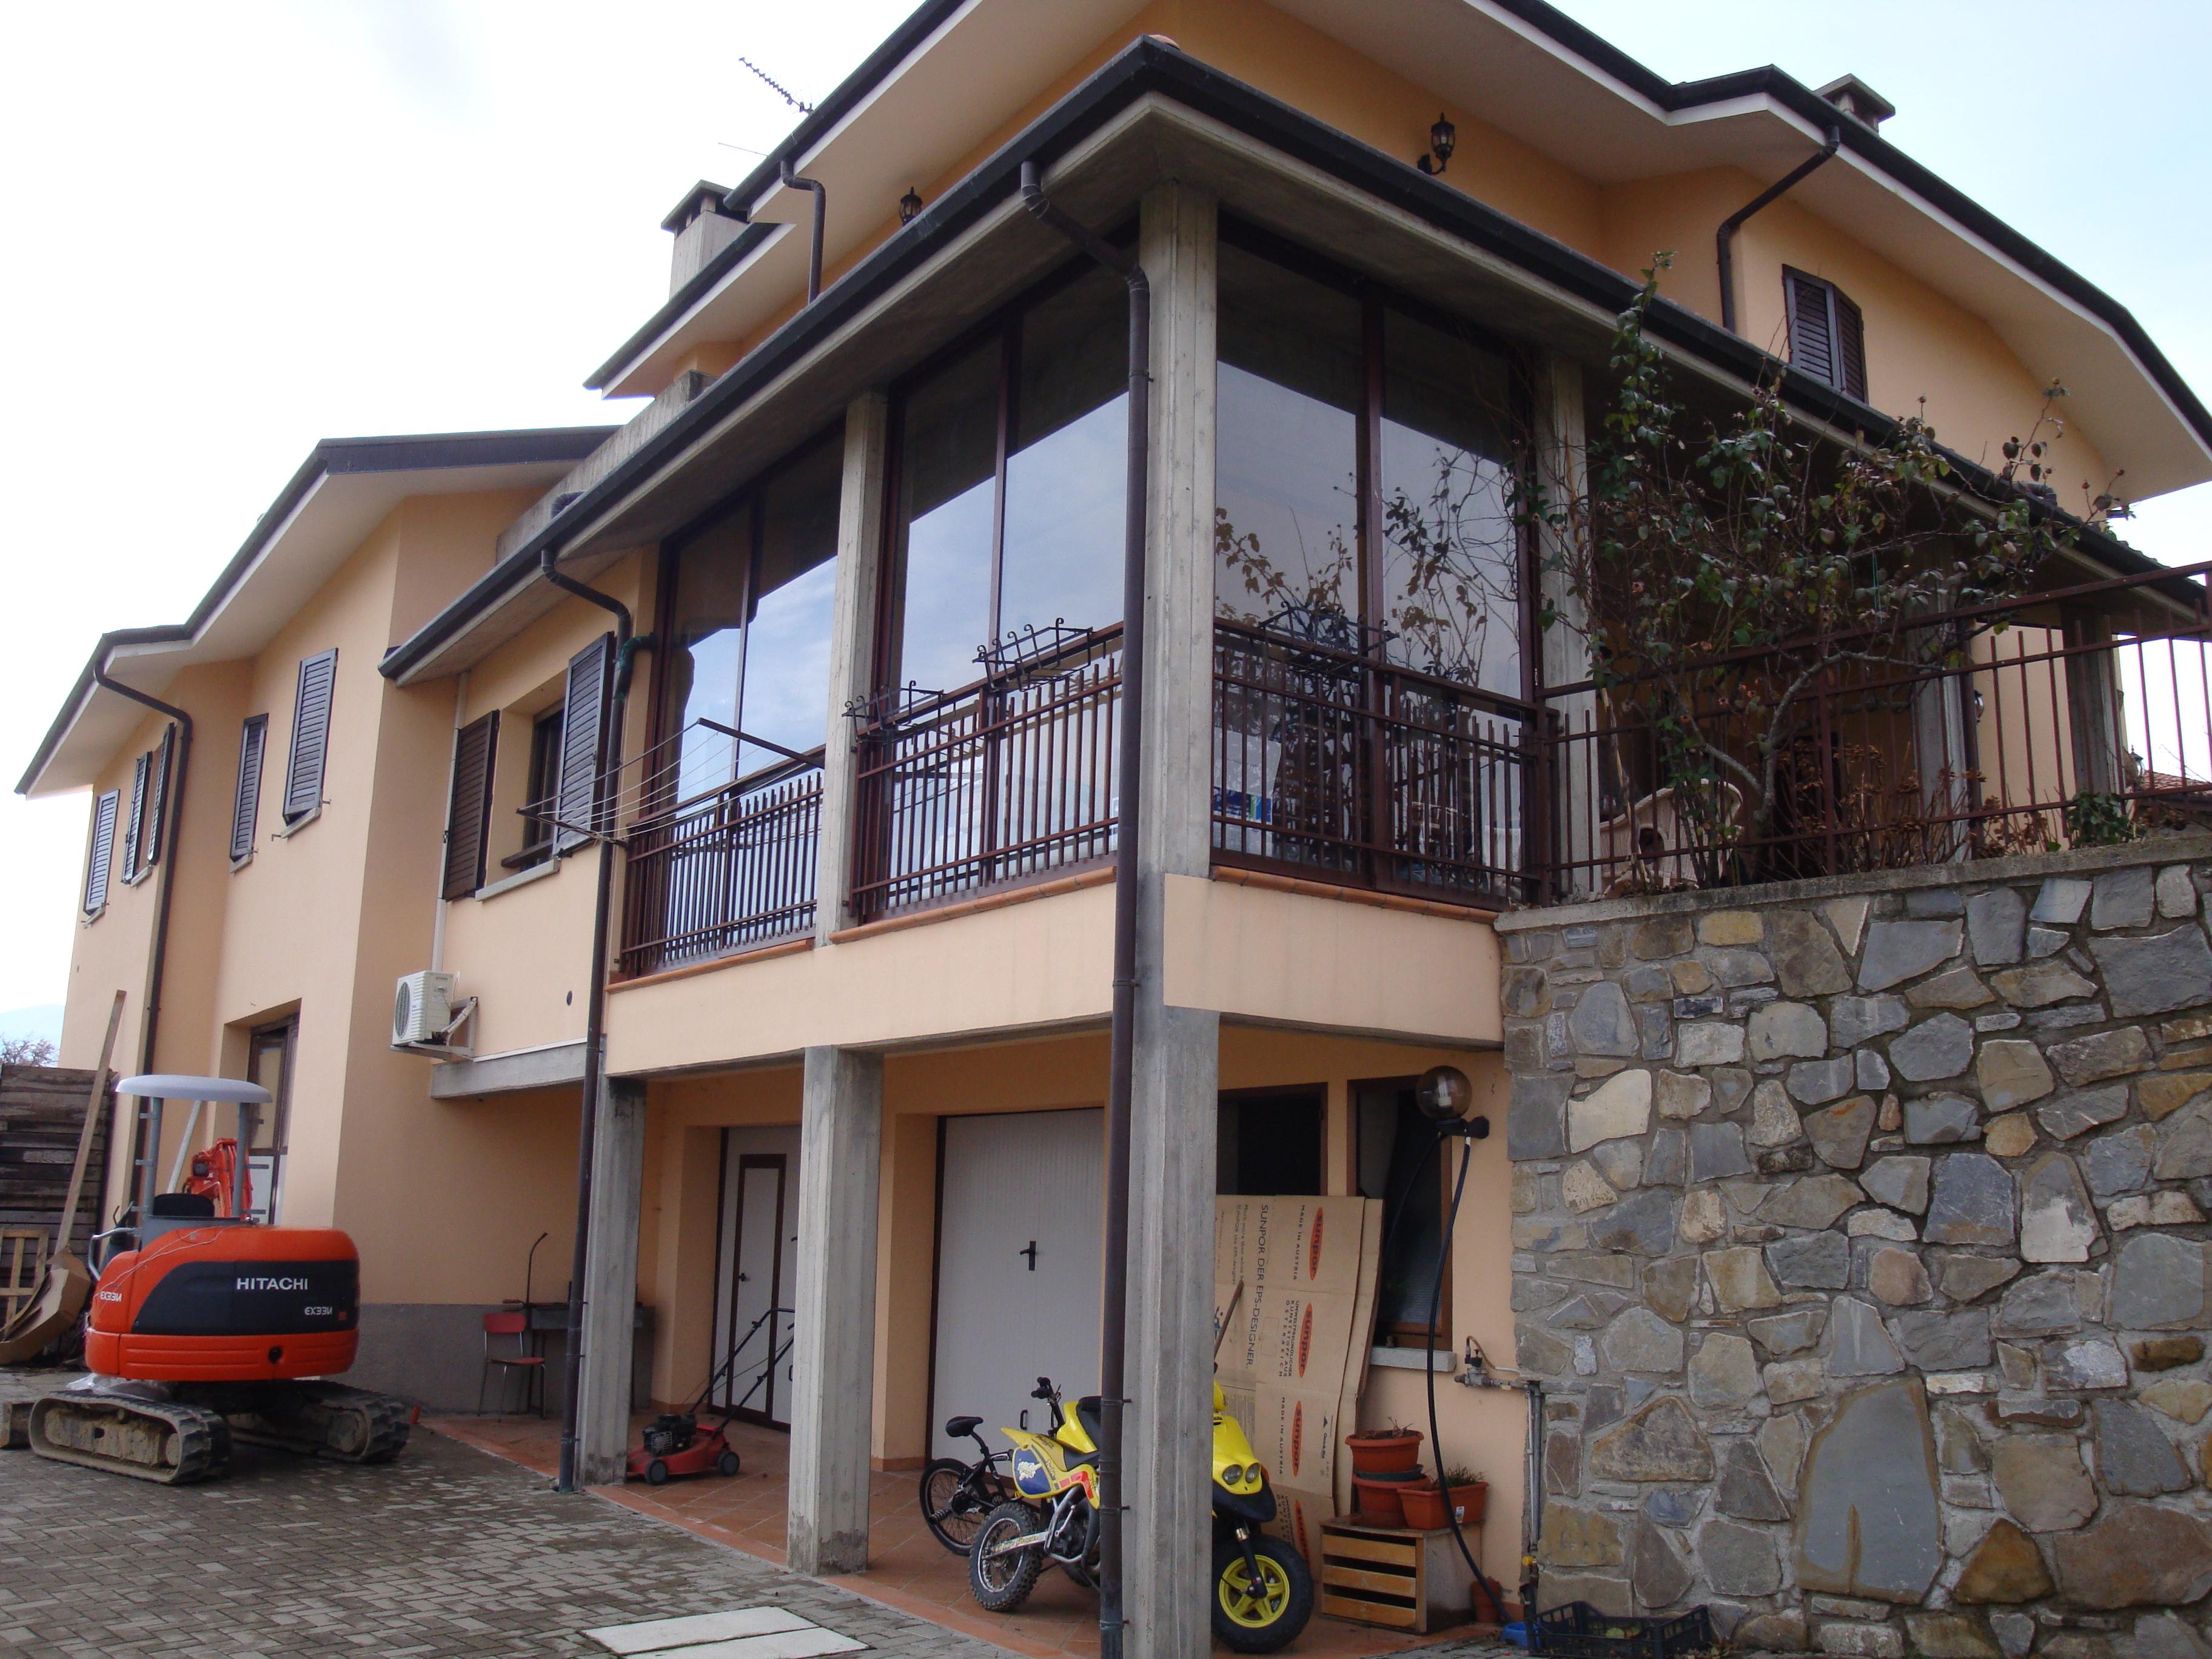 Ristrutturare la casa garden house lazzerini for Ristrutturare la casa